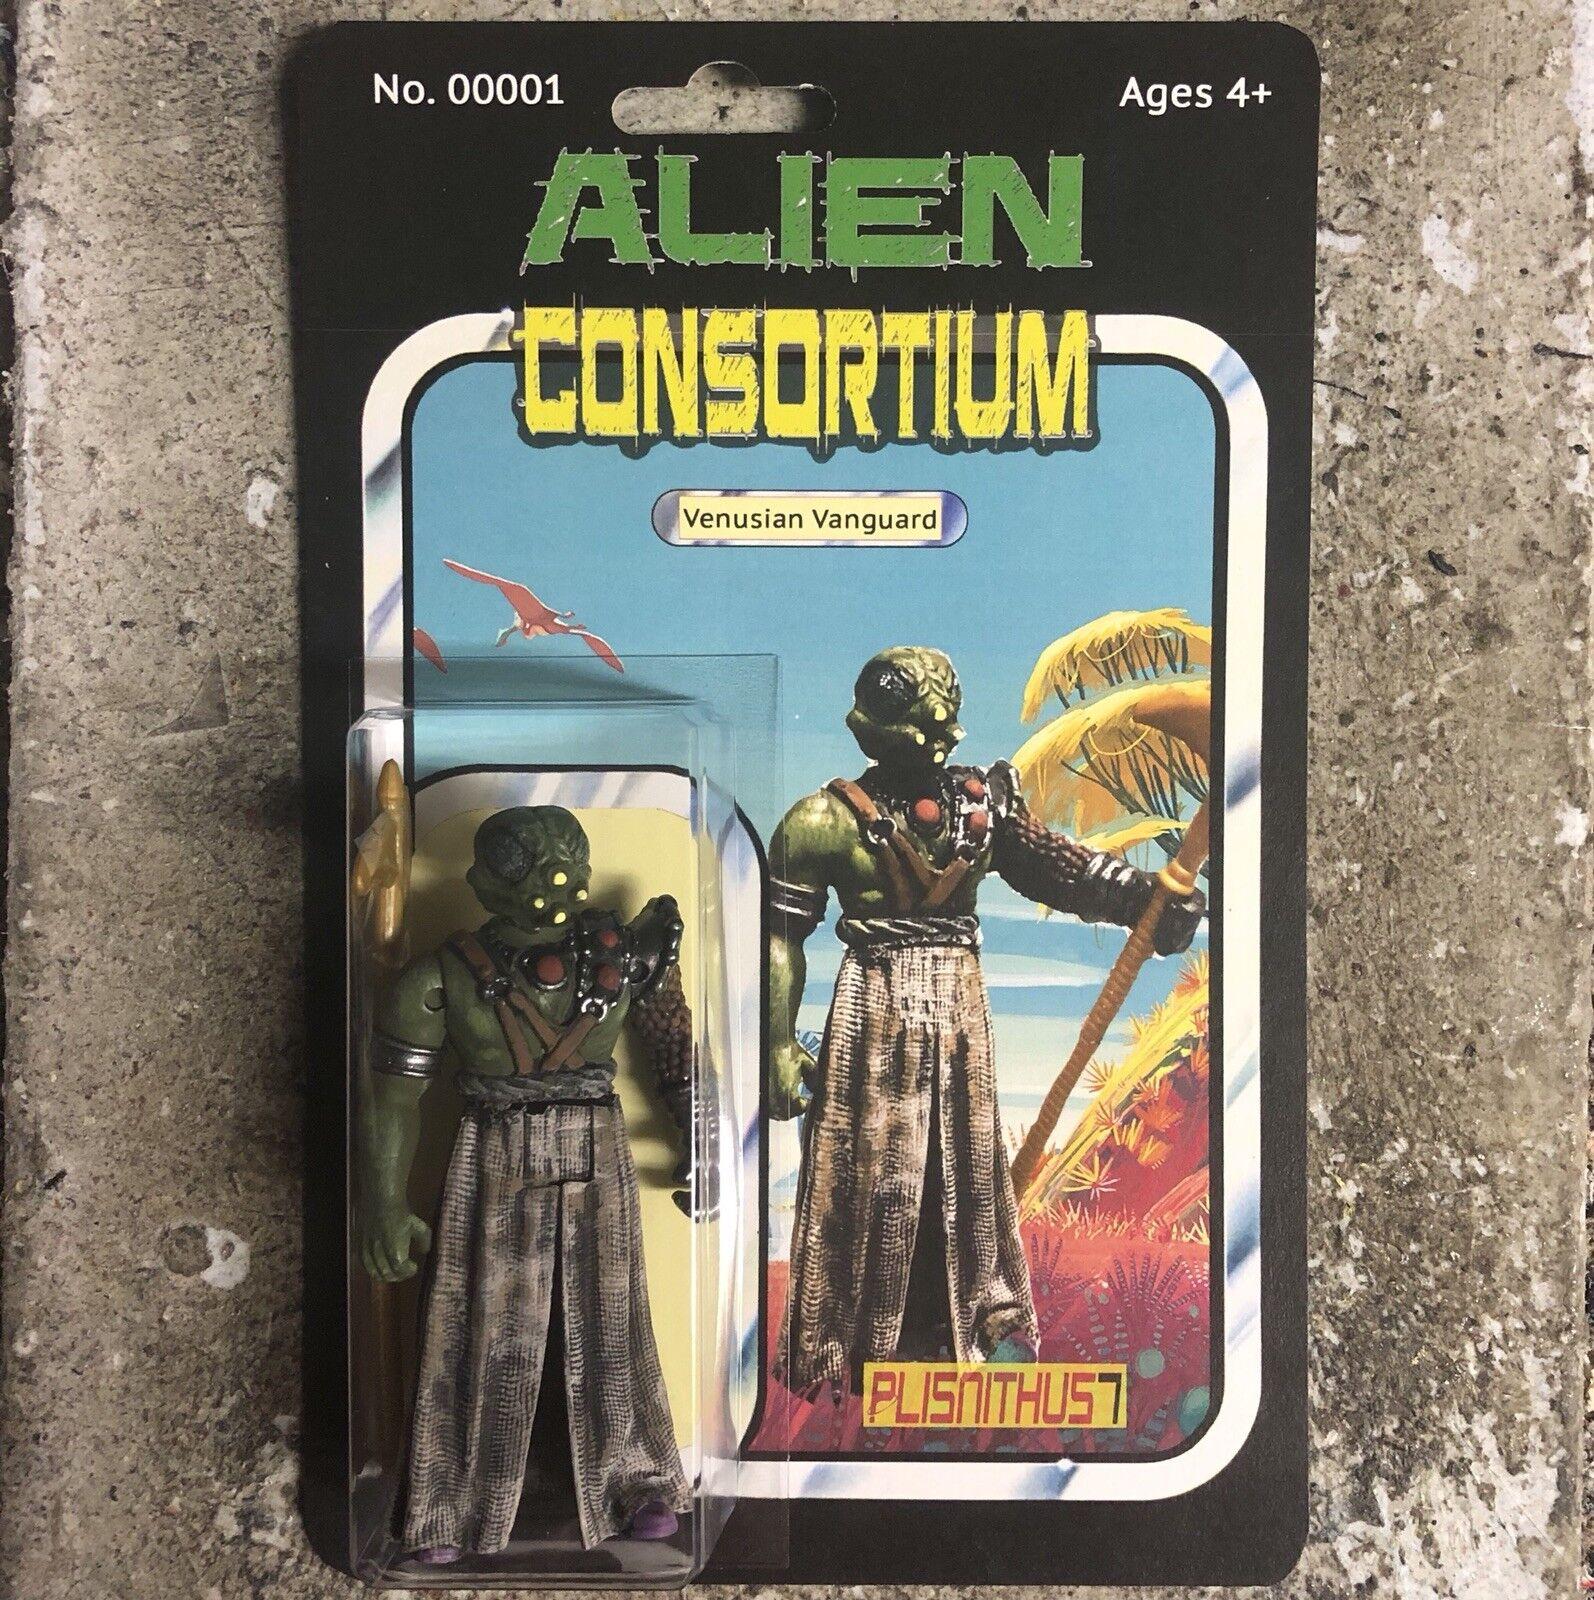 """Alien Consortium Venusian Vanguard 3.75"""" 3.75"""" Vanguard Action Figure Star Force Alien Wars 0883c9"""